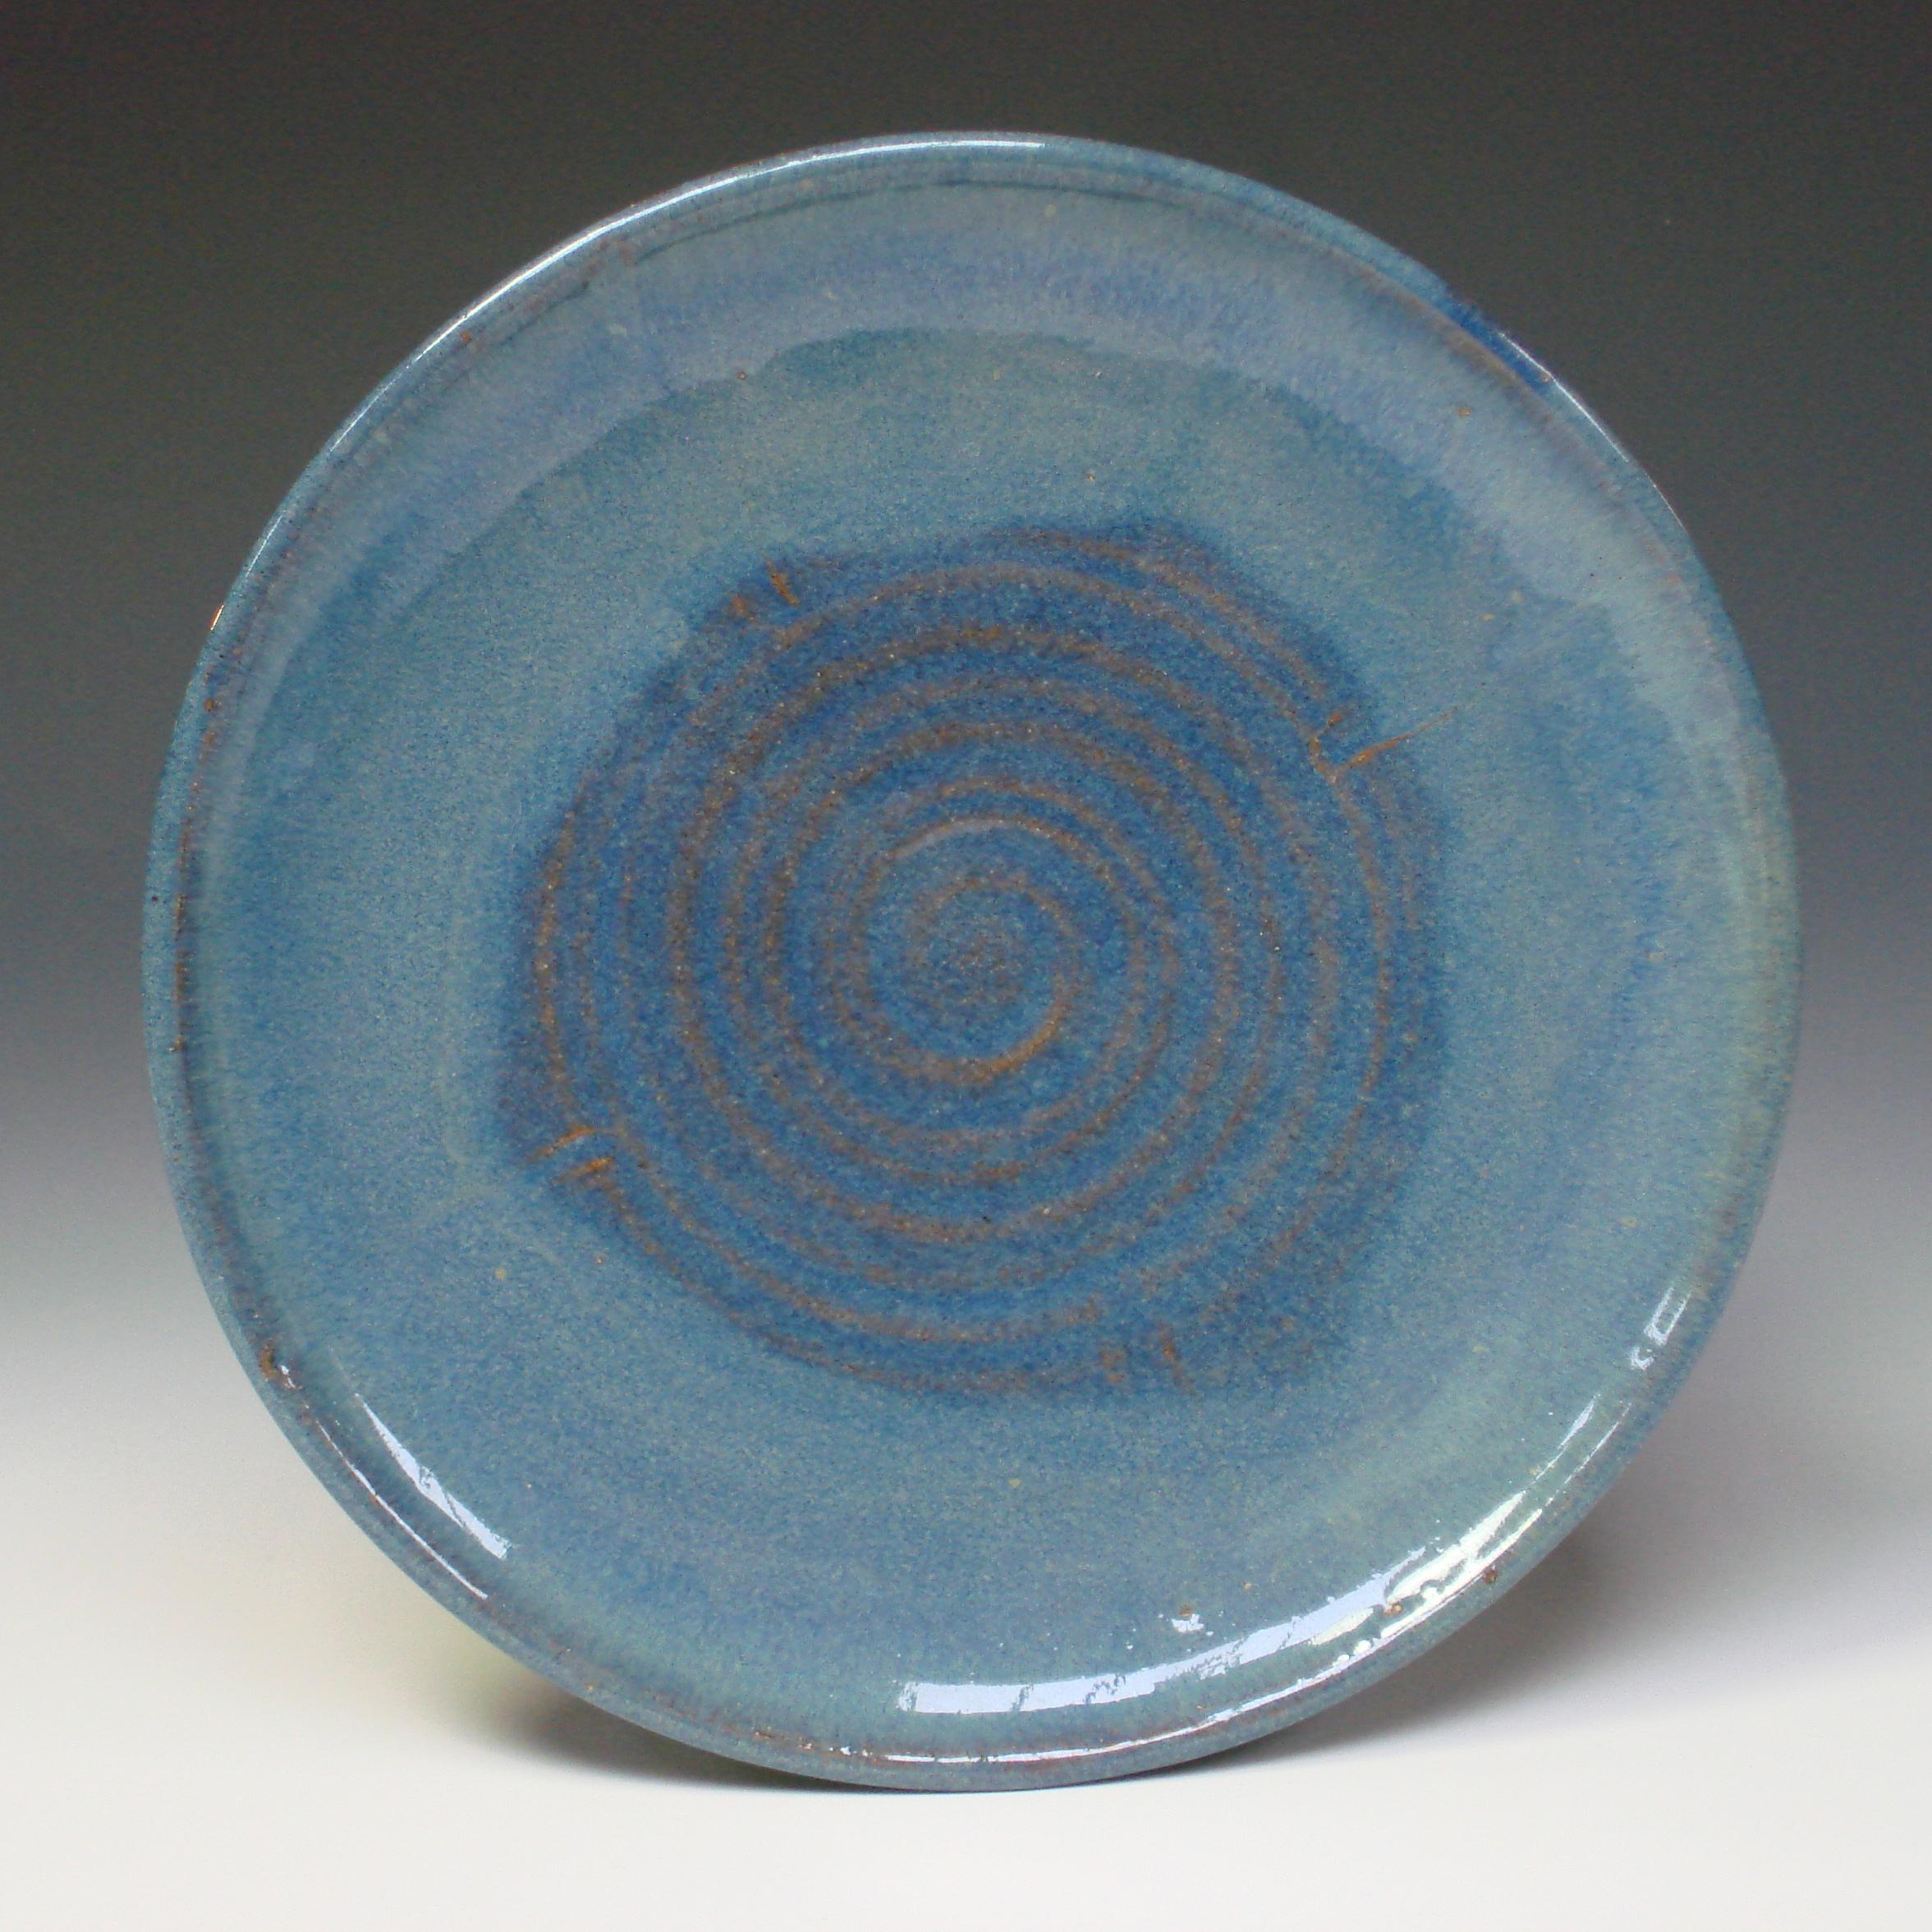 Serving Plate - Summer blue